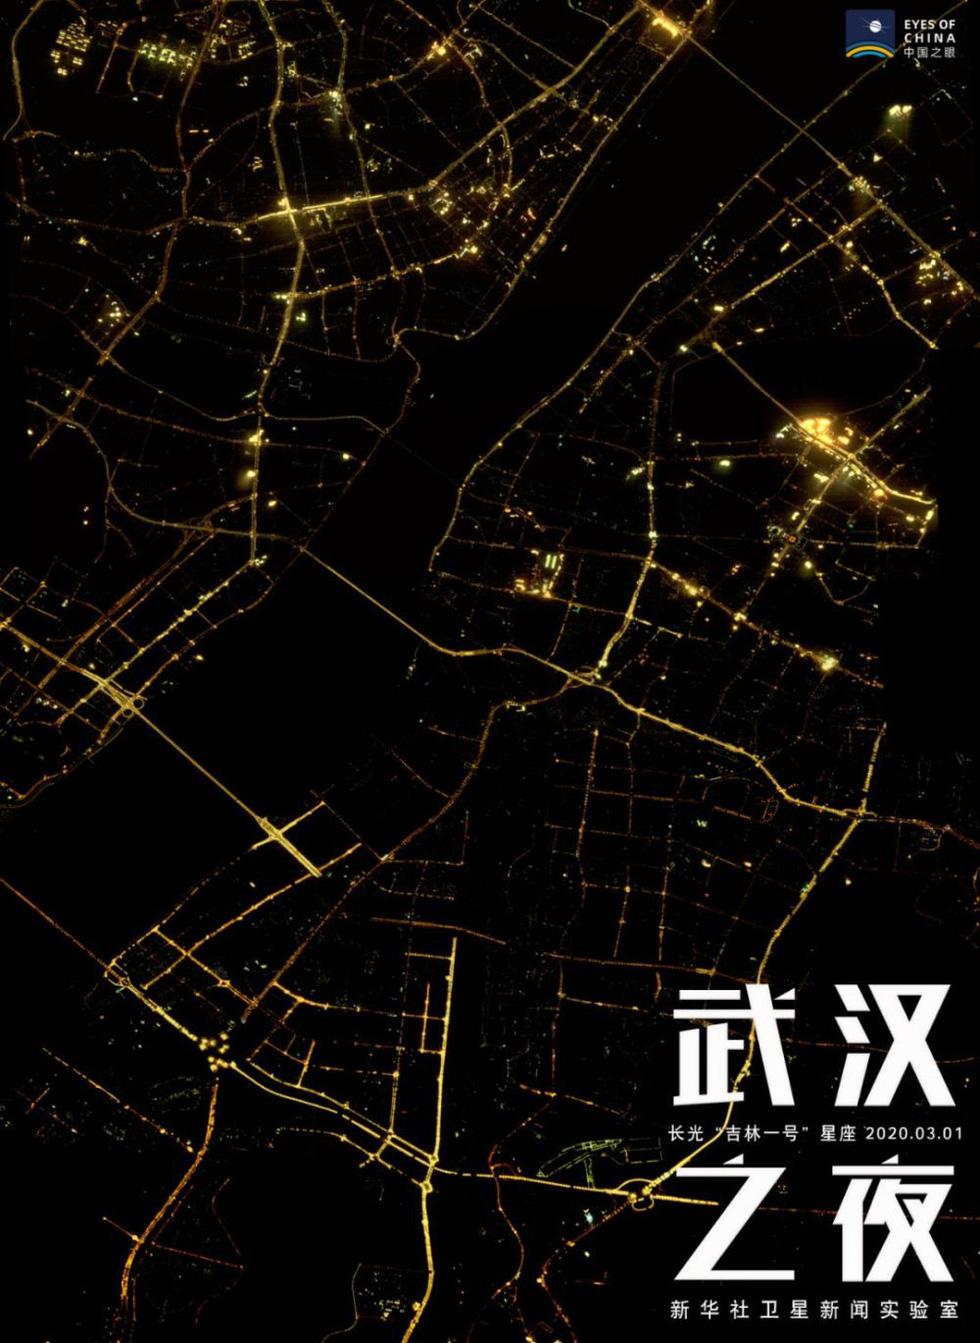 Qua ảnh vệ tinh, ngắm Vũ Hán hăng hái chiến đấu với dịch COVID-19 - Ảnh 2.